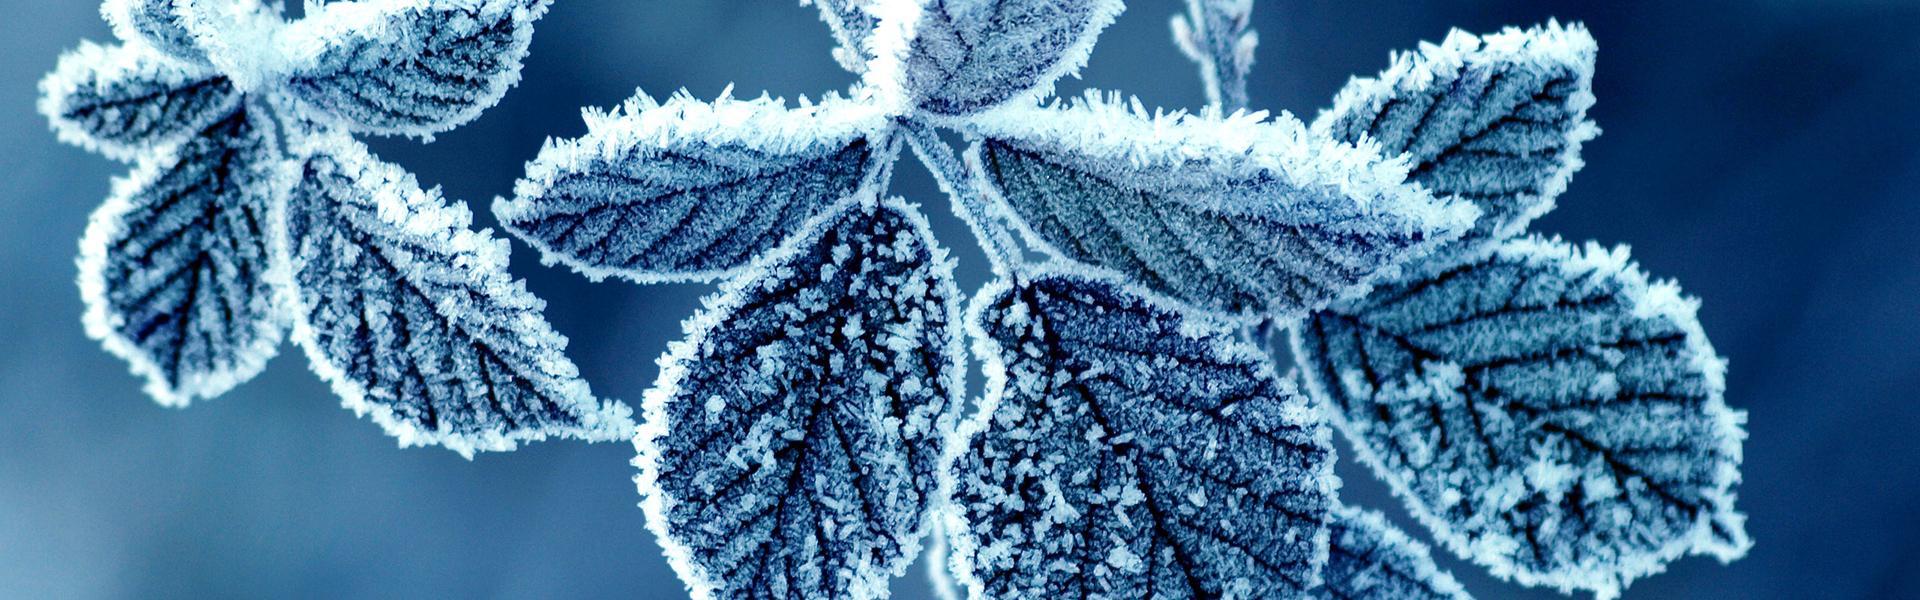 Zomerse warmte benutten in de winter?